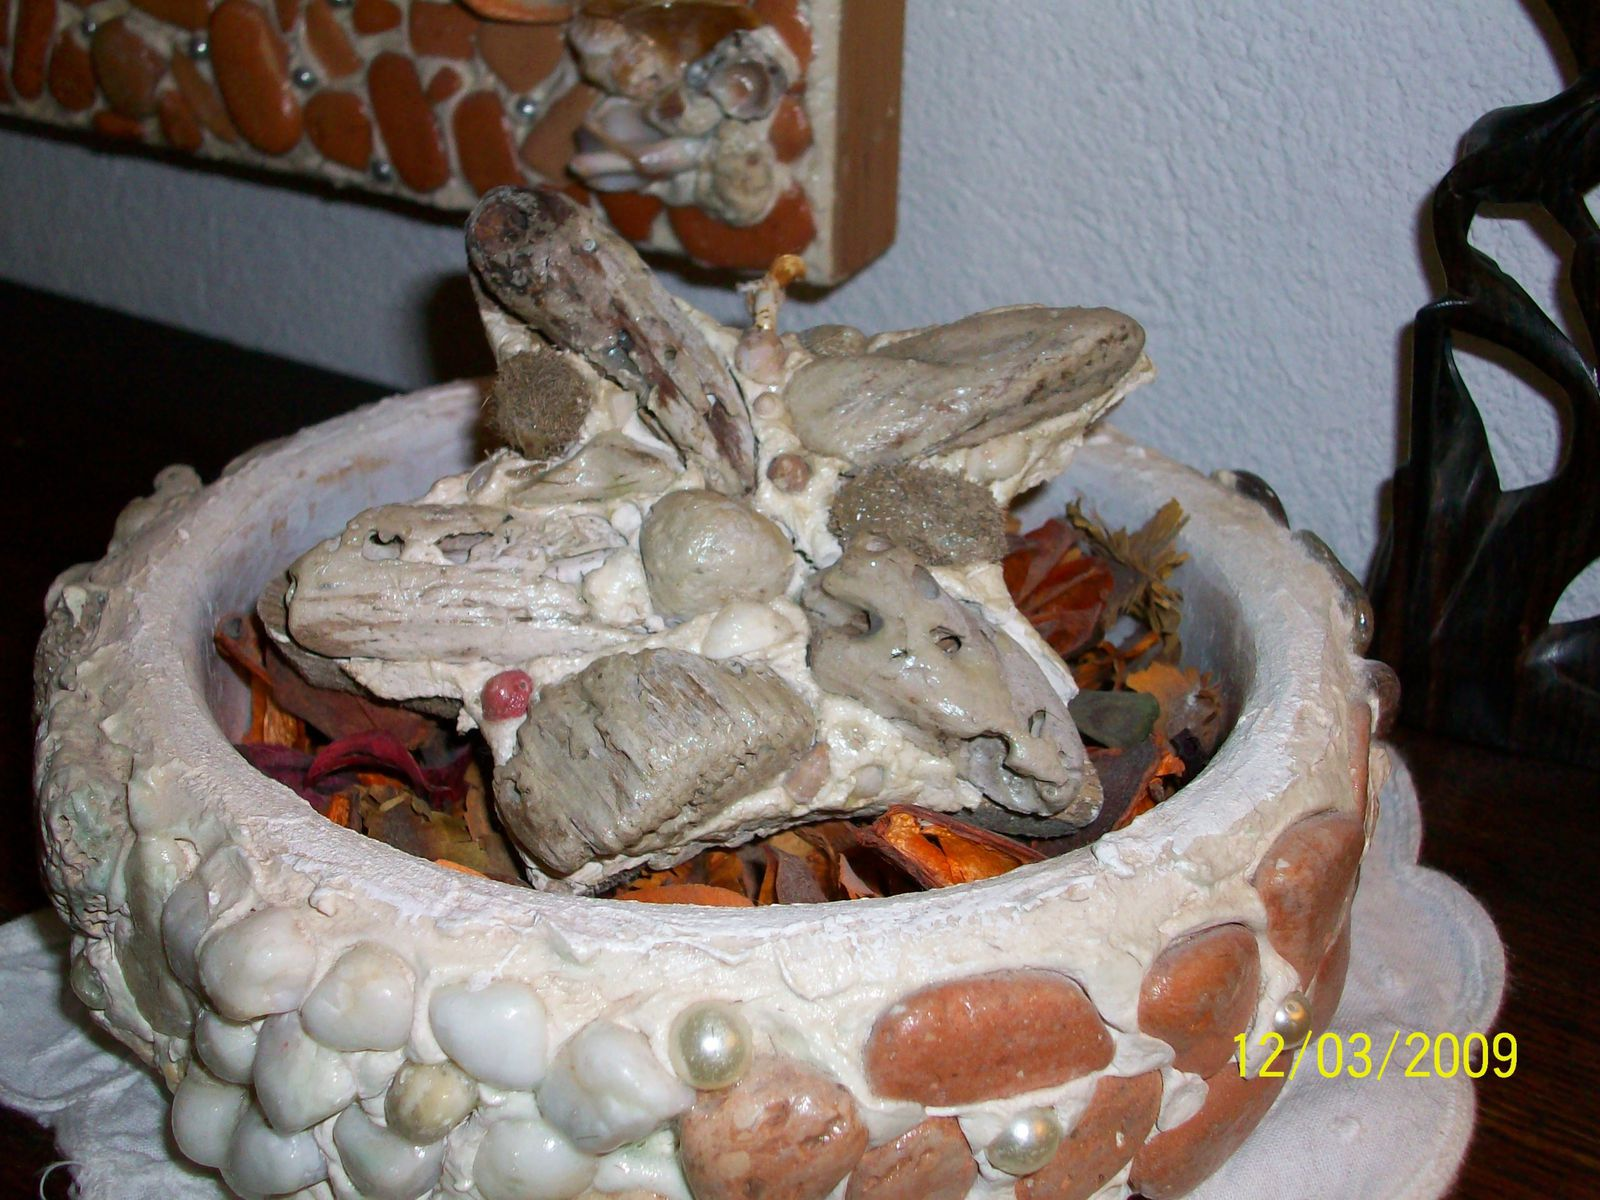 Mosaiques galets et verreries en vrac chatsdamour for Galets exterieurs en vrac